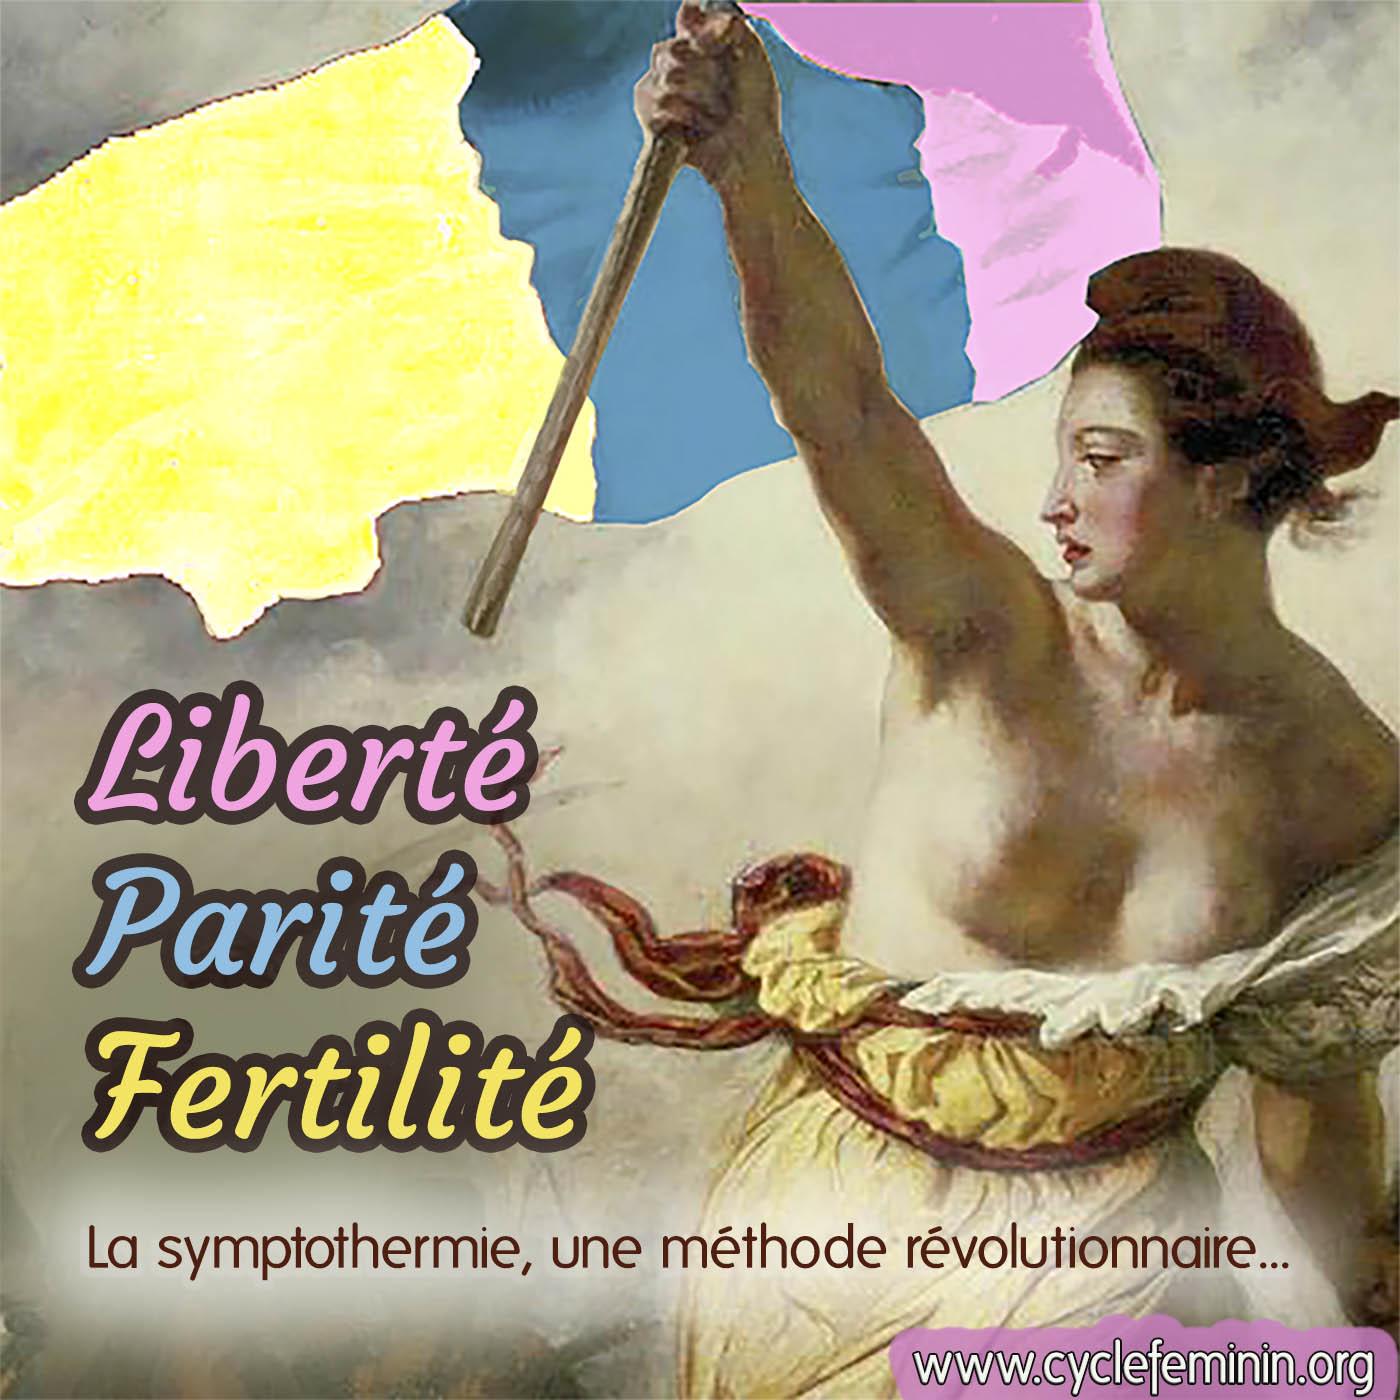 Rejoignez la révolution du cycle féminin en pratiquant la symptothermie !